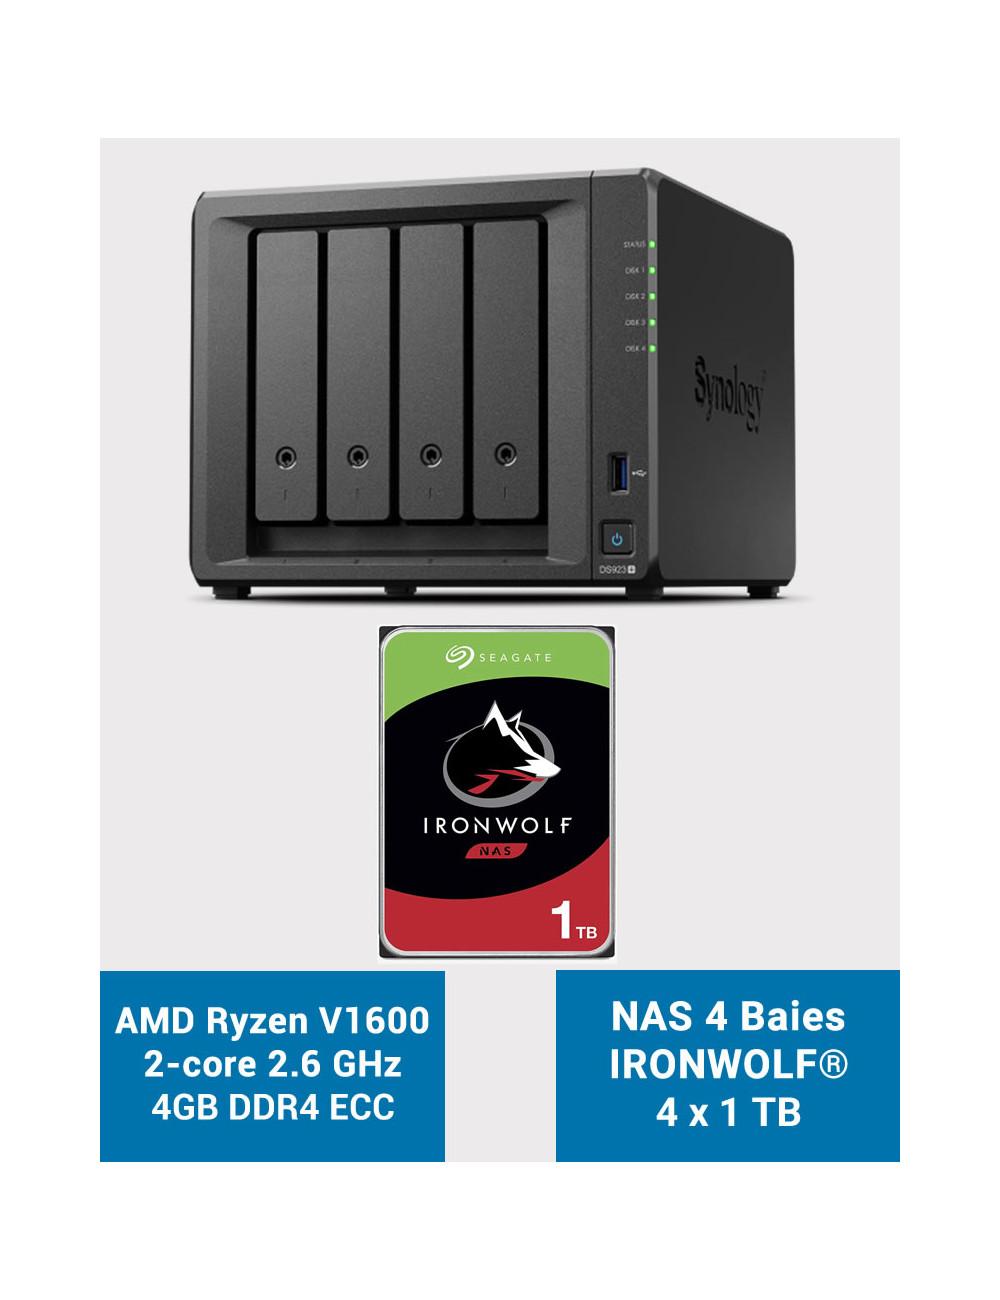 Firewall pfSense Storage Extension - 30 GB SSD M-SATA Drive